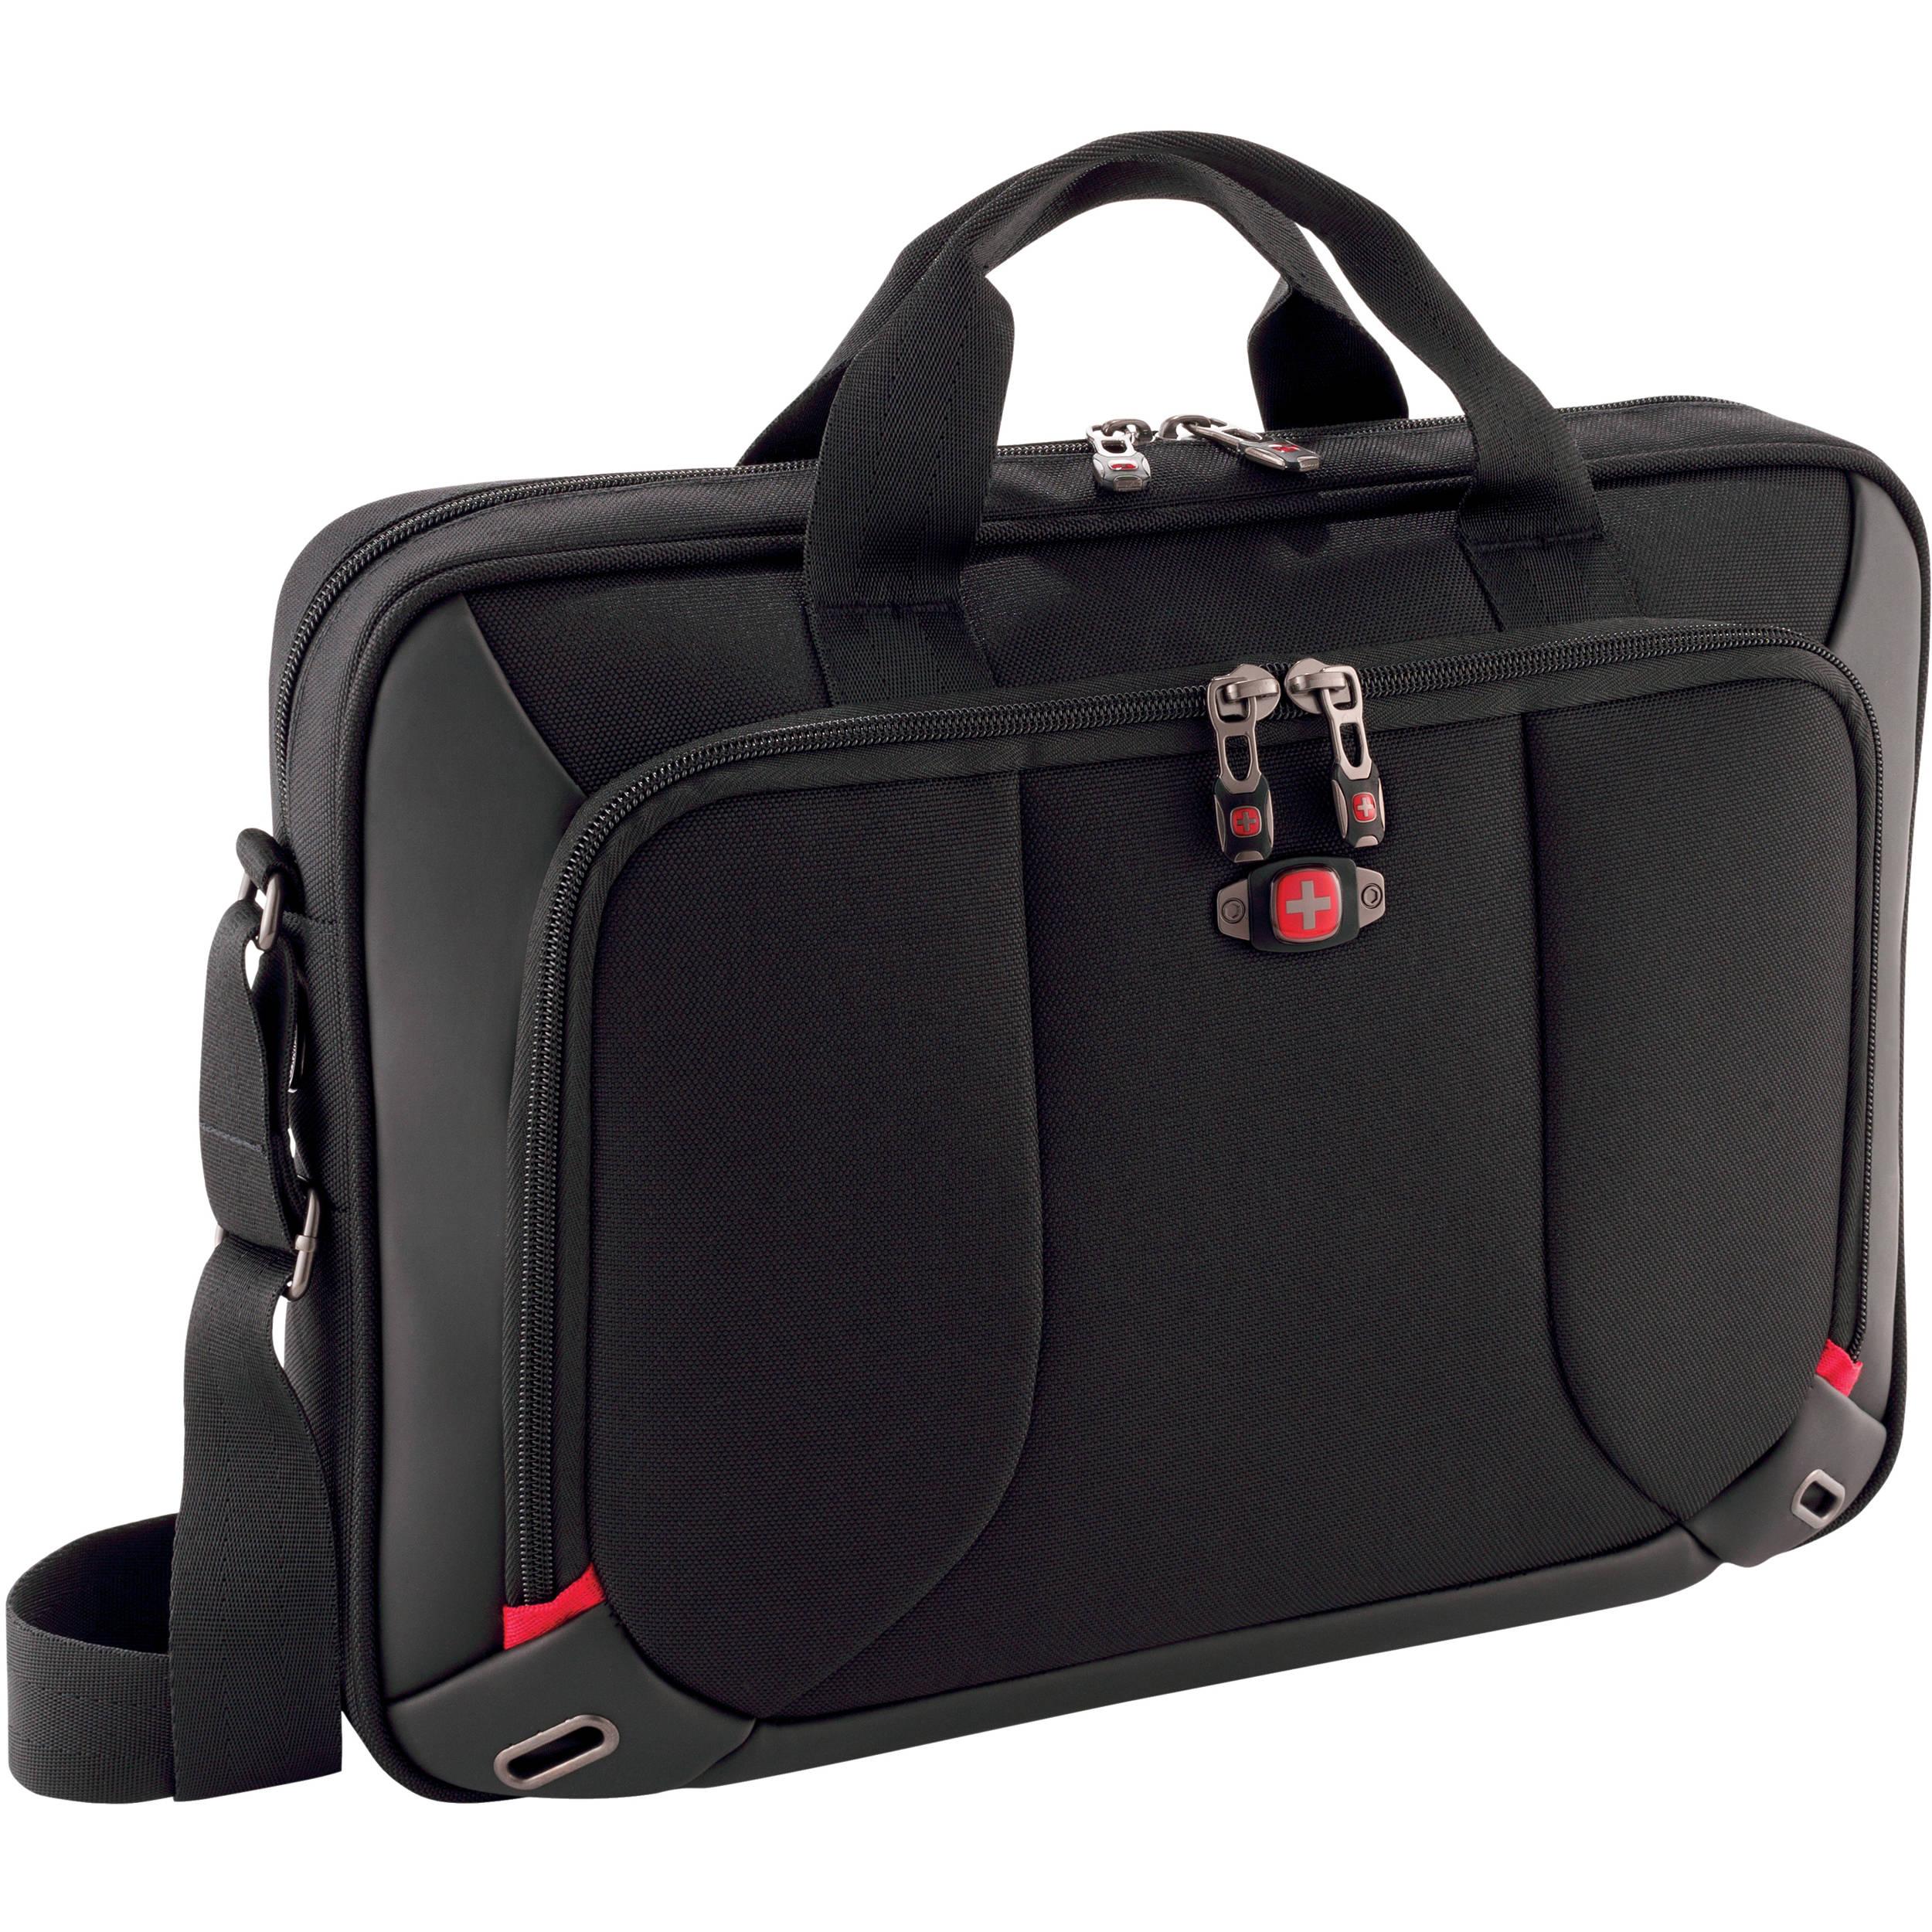 Swissgear Platform Slimcase For 16 Laptop 10 Tablet Black